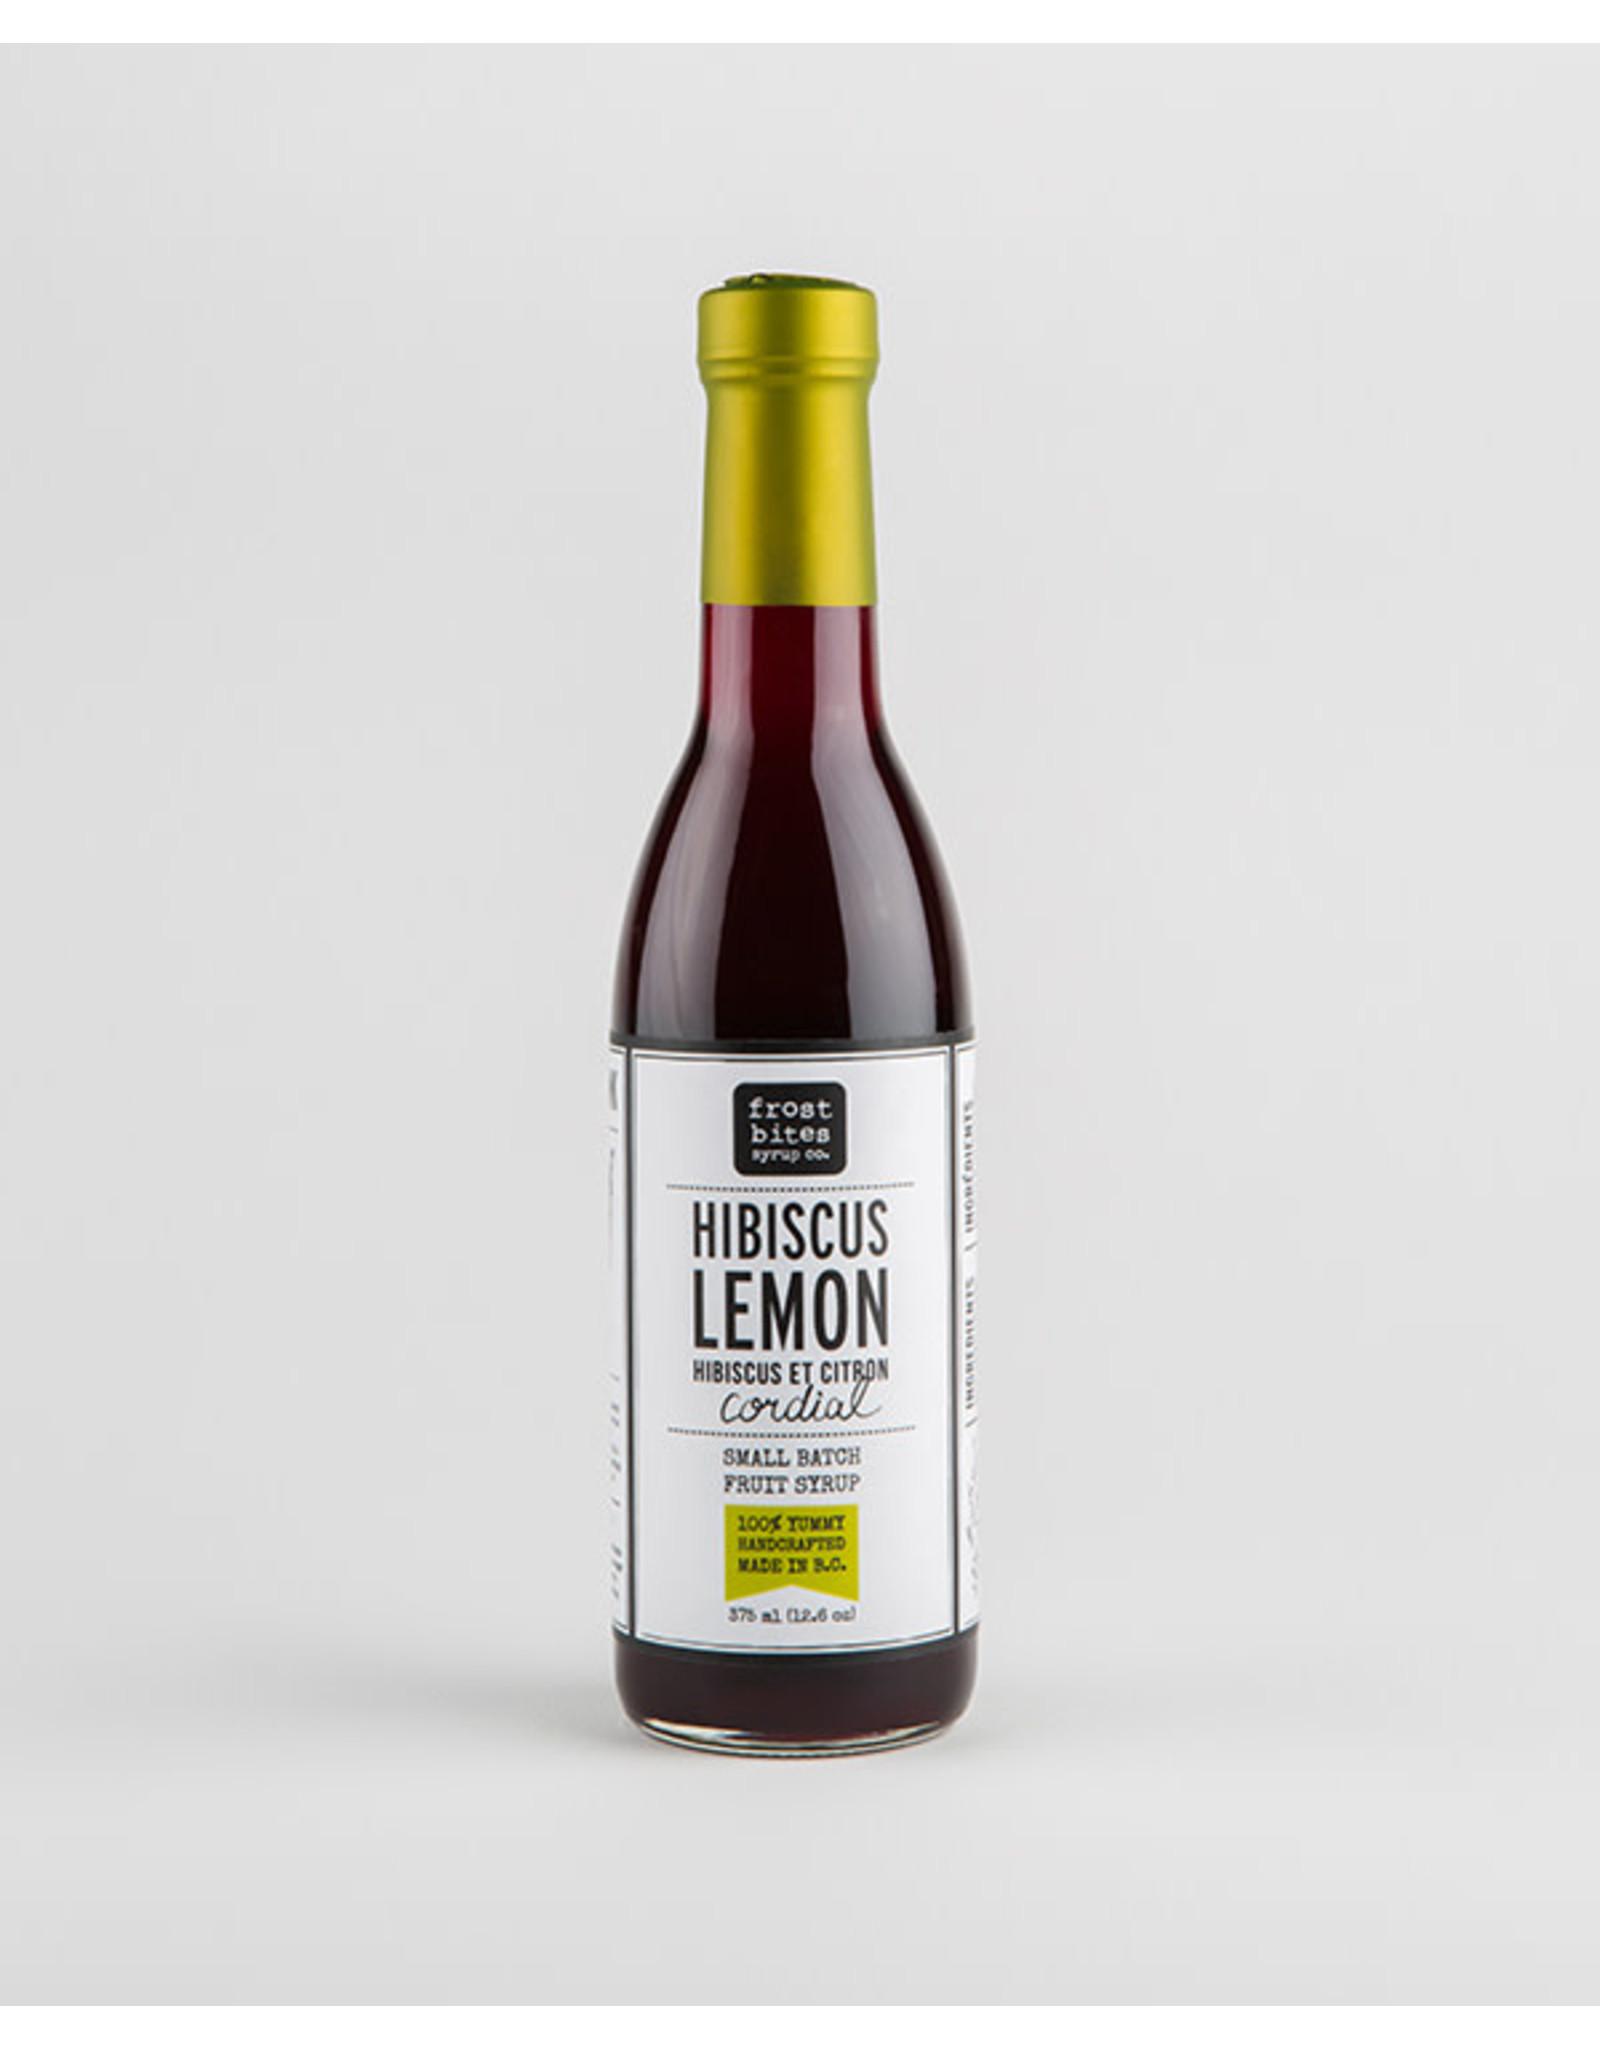 Frostbites Hibiscus Lemon